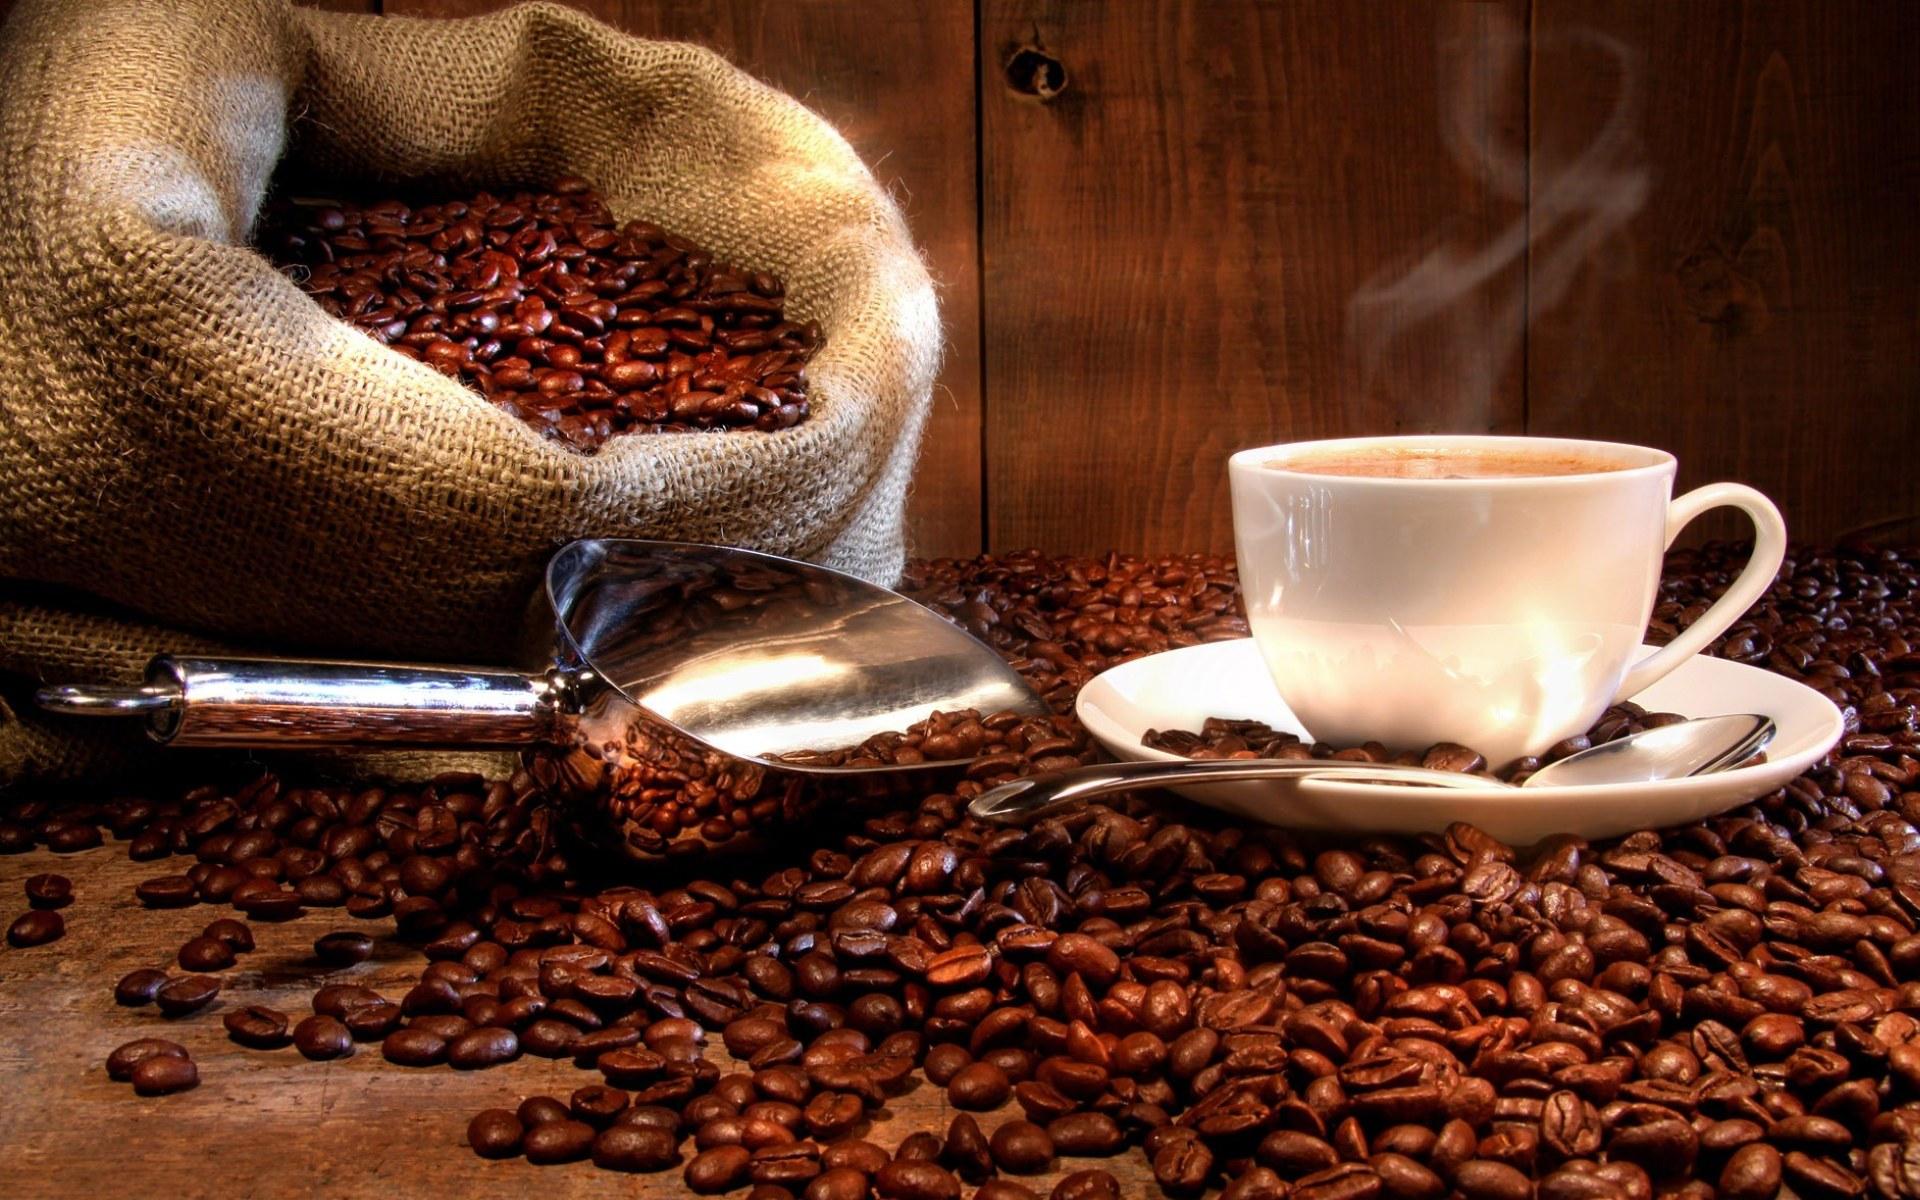 обои на рабочий стол, кофе, кофейные зерна, скачать фото